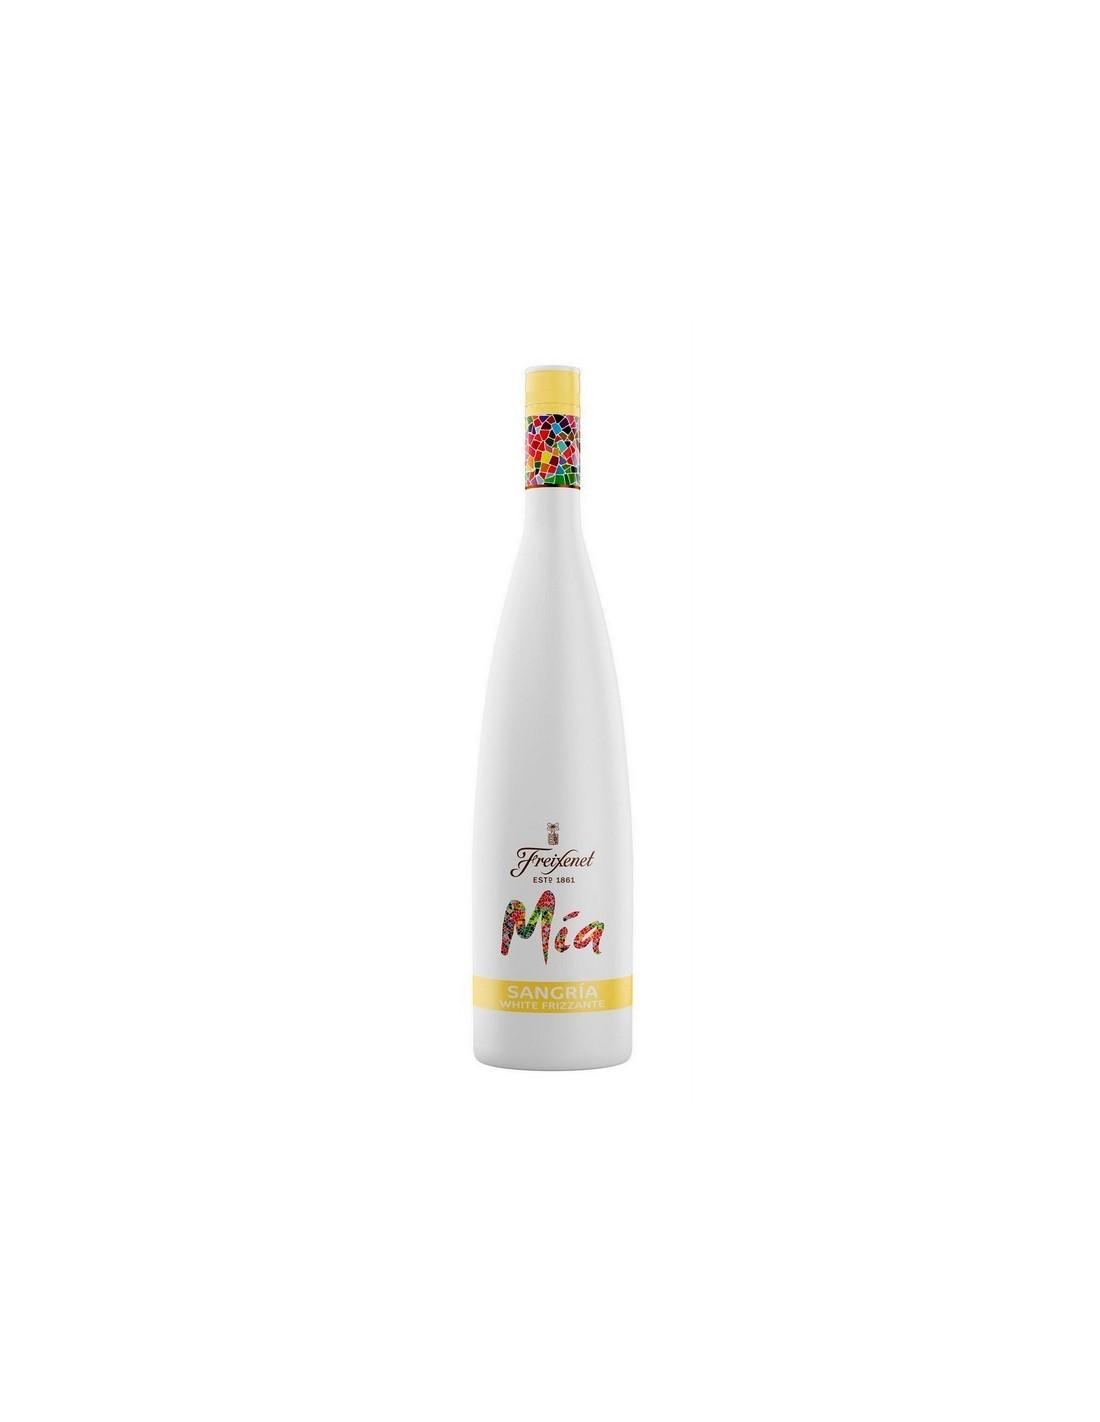 Vin alb Sangria, Freixenet Mia, 7.5% alc., 0.75L, Spania